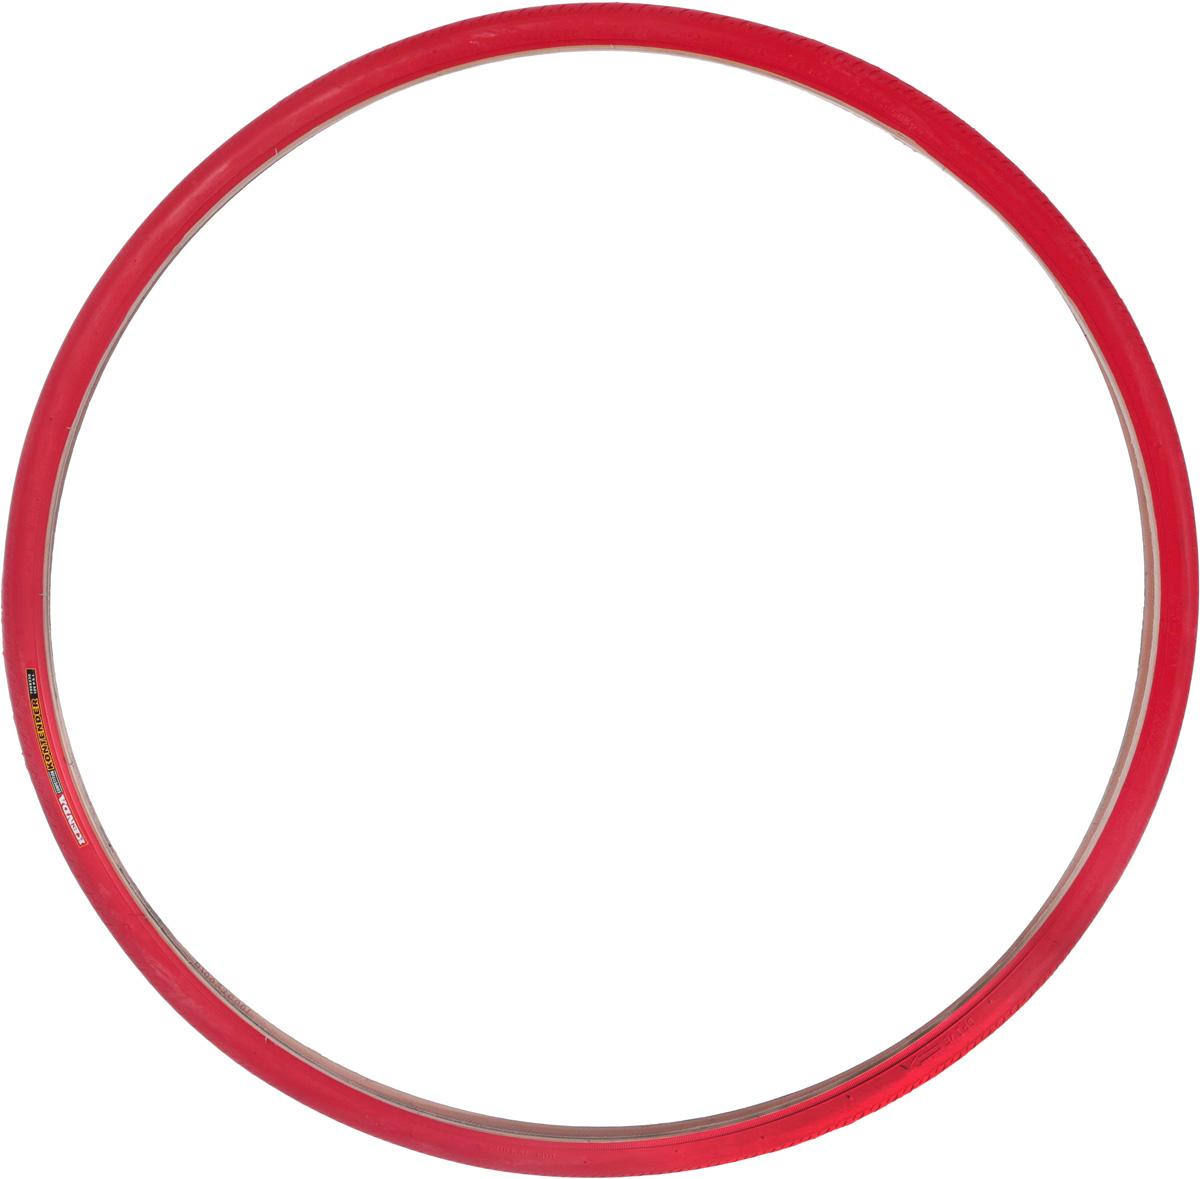 Велопокрышка Kenda 700x23C, K196, Kontender, L3RPRO, 60tpi, красный